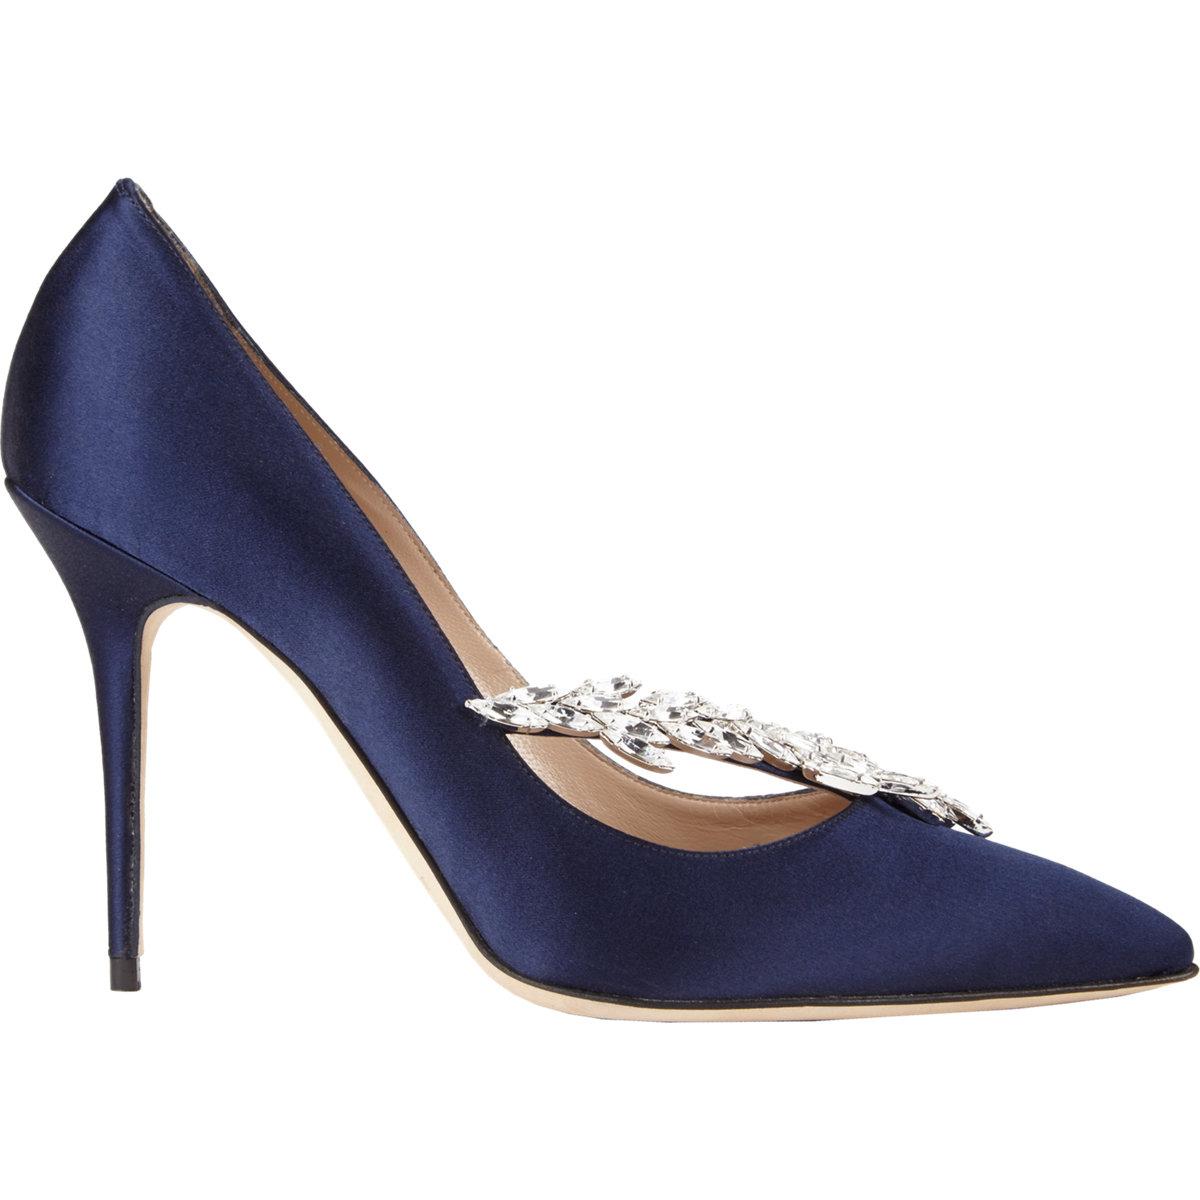 c43035f8747d2 Manolo Blahnik Nadira Jeweled Pumps in Blue - Lyst